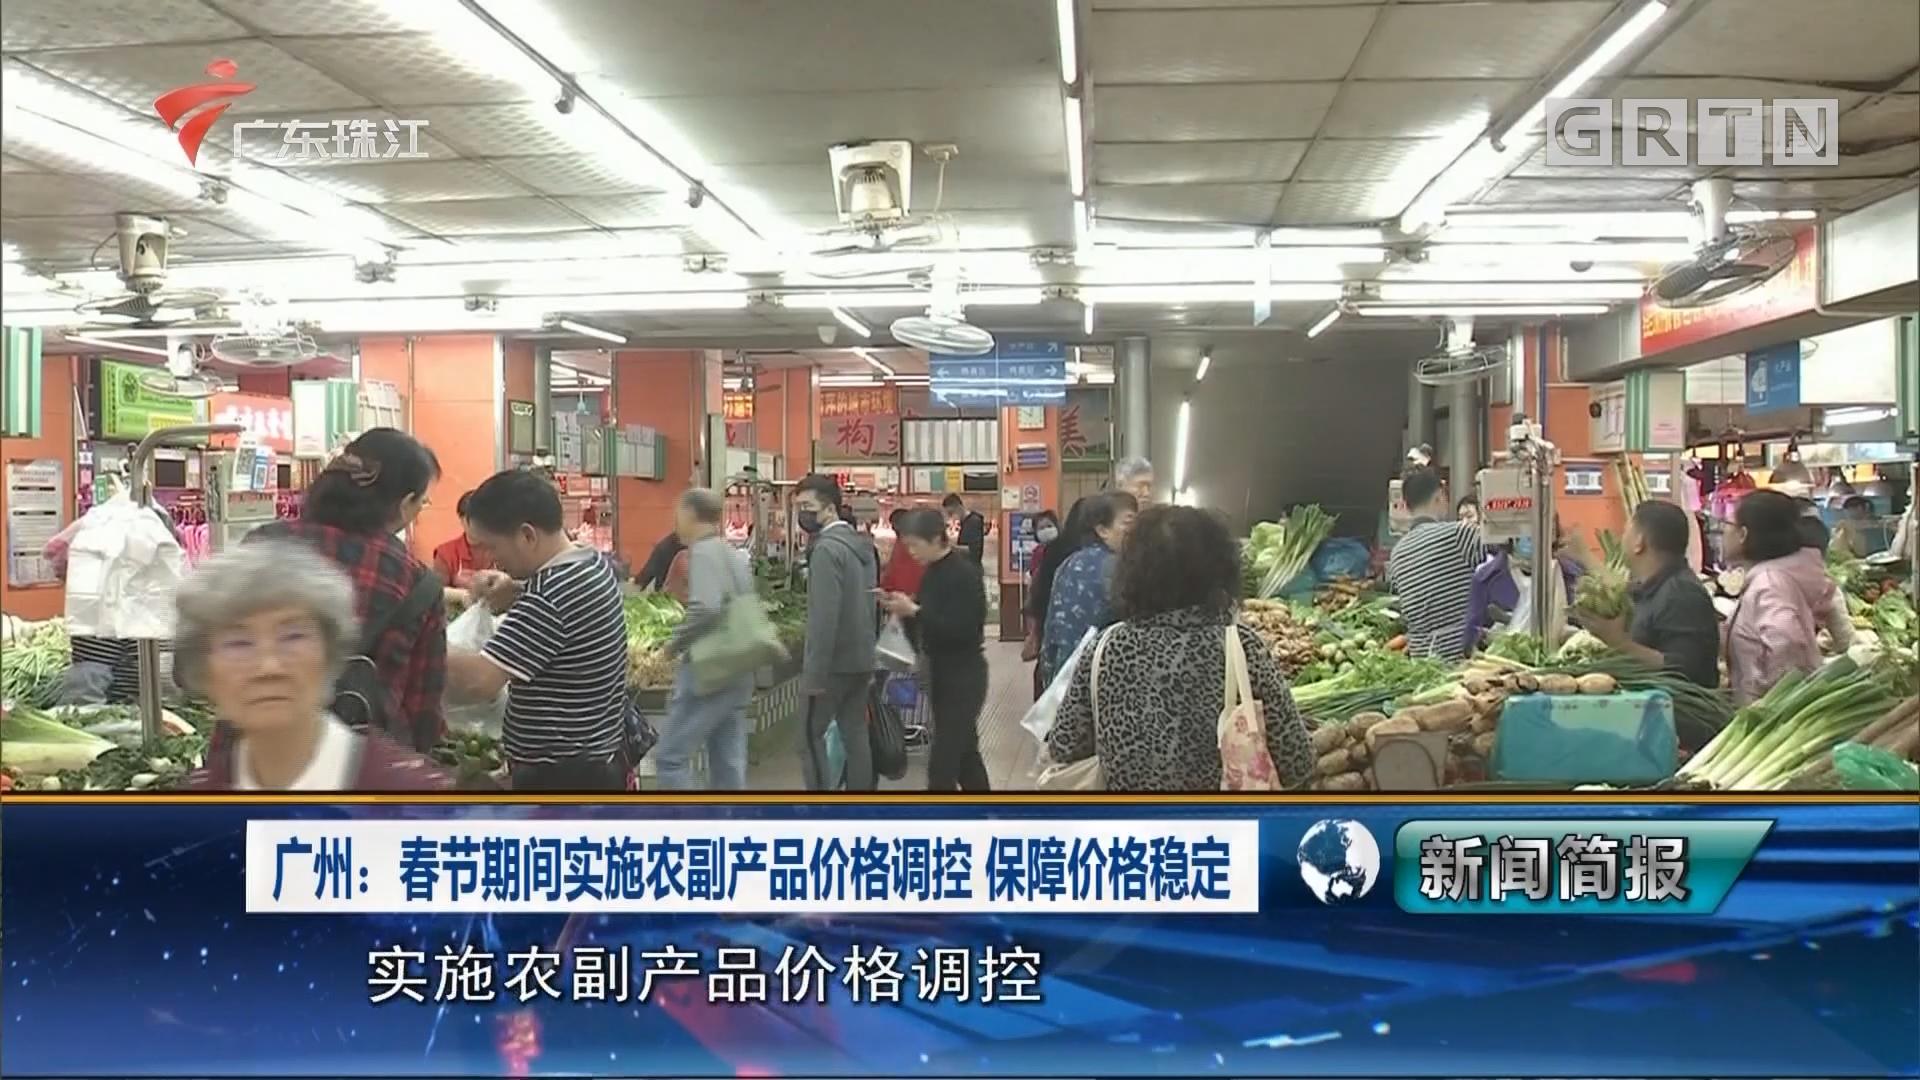 广州:春节期间实施农副产品价格调控 保障价格隐定